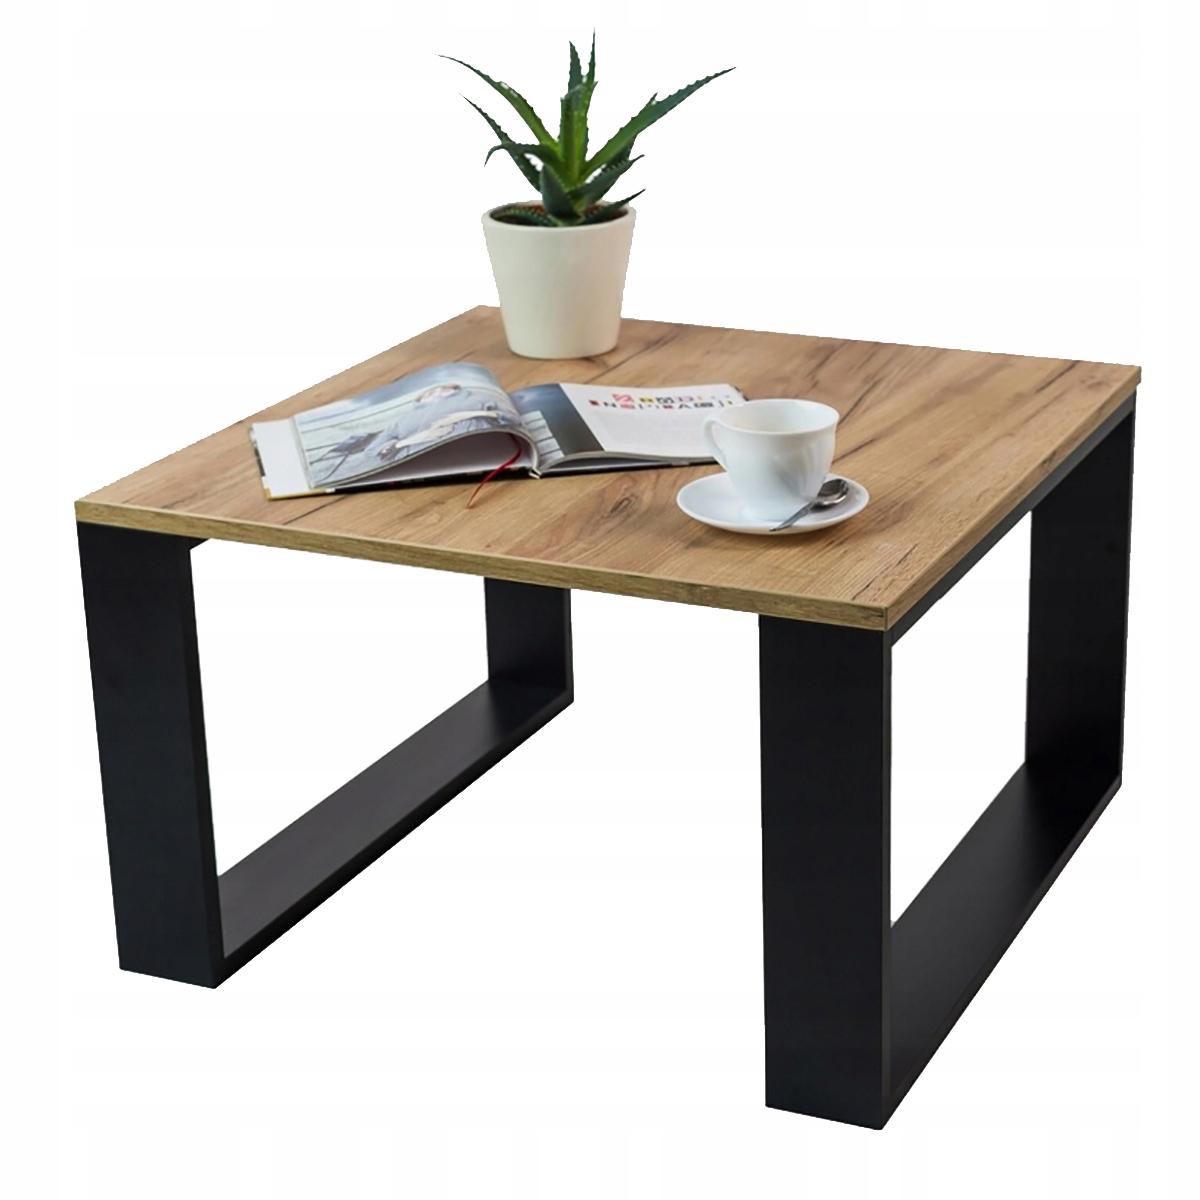 Журнальный столик журнальный столик черный / дуб для гостиной лофт